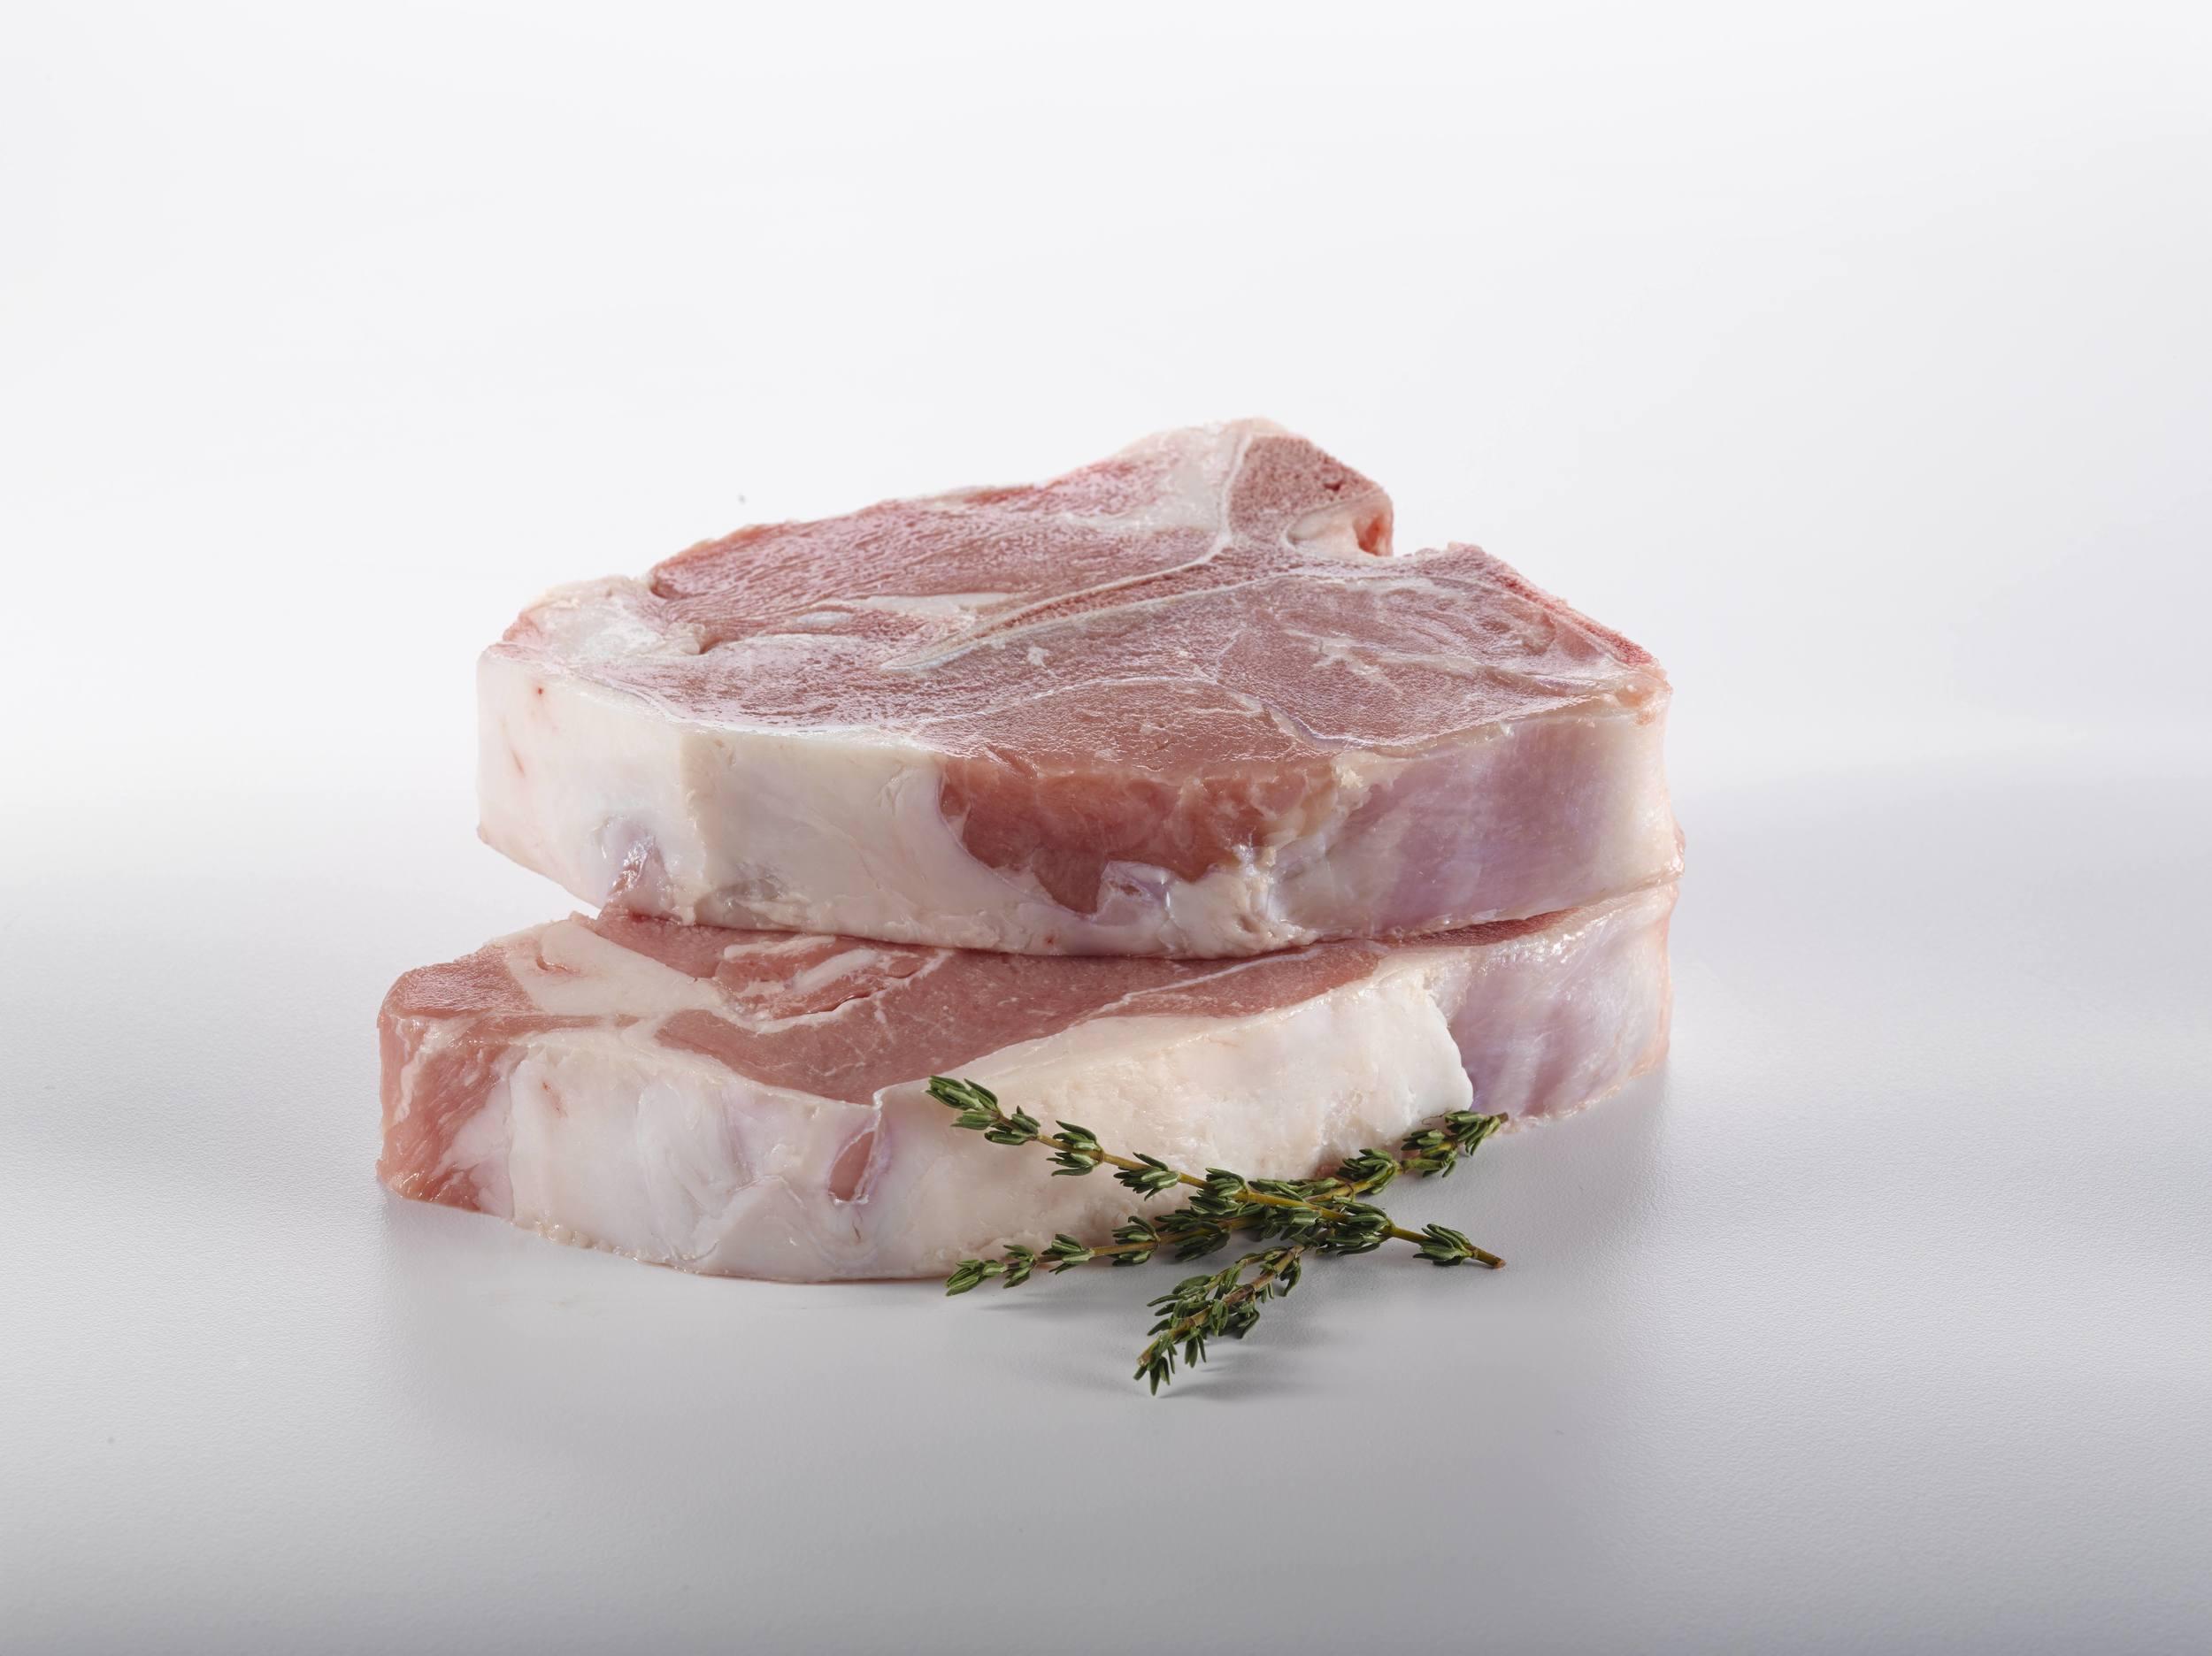 Veal_Porterhouse_Steak_047.jpg